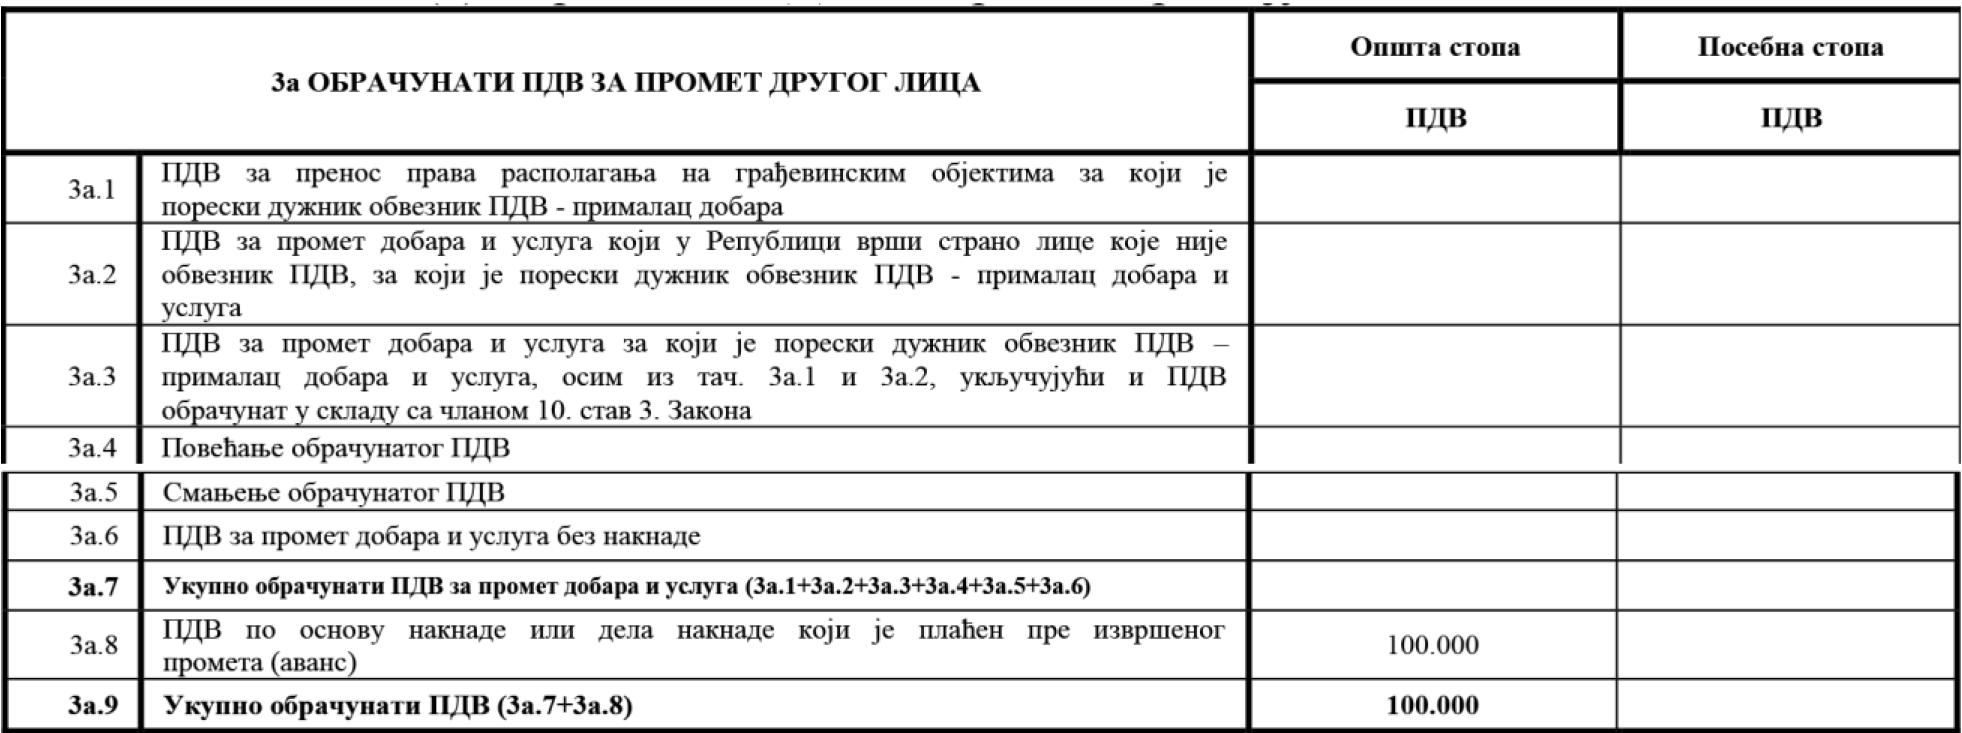 uputstvo PU obrazac POPDV primer 76 - 1